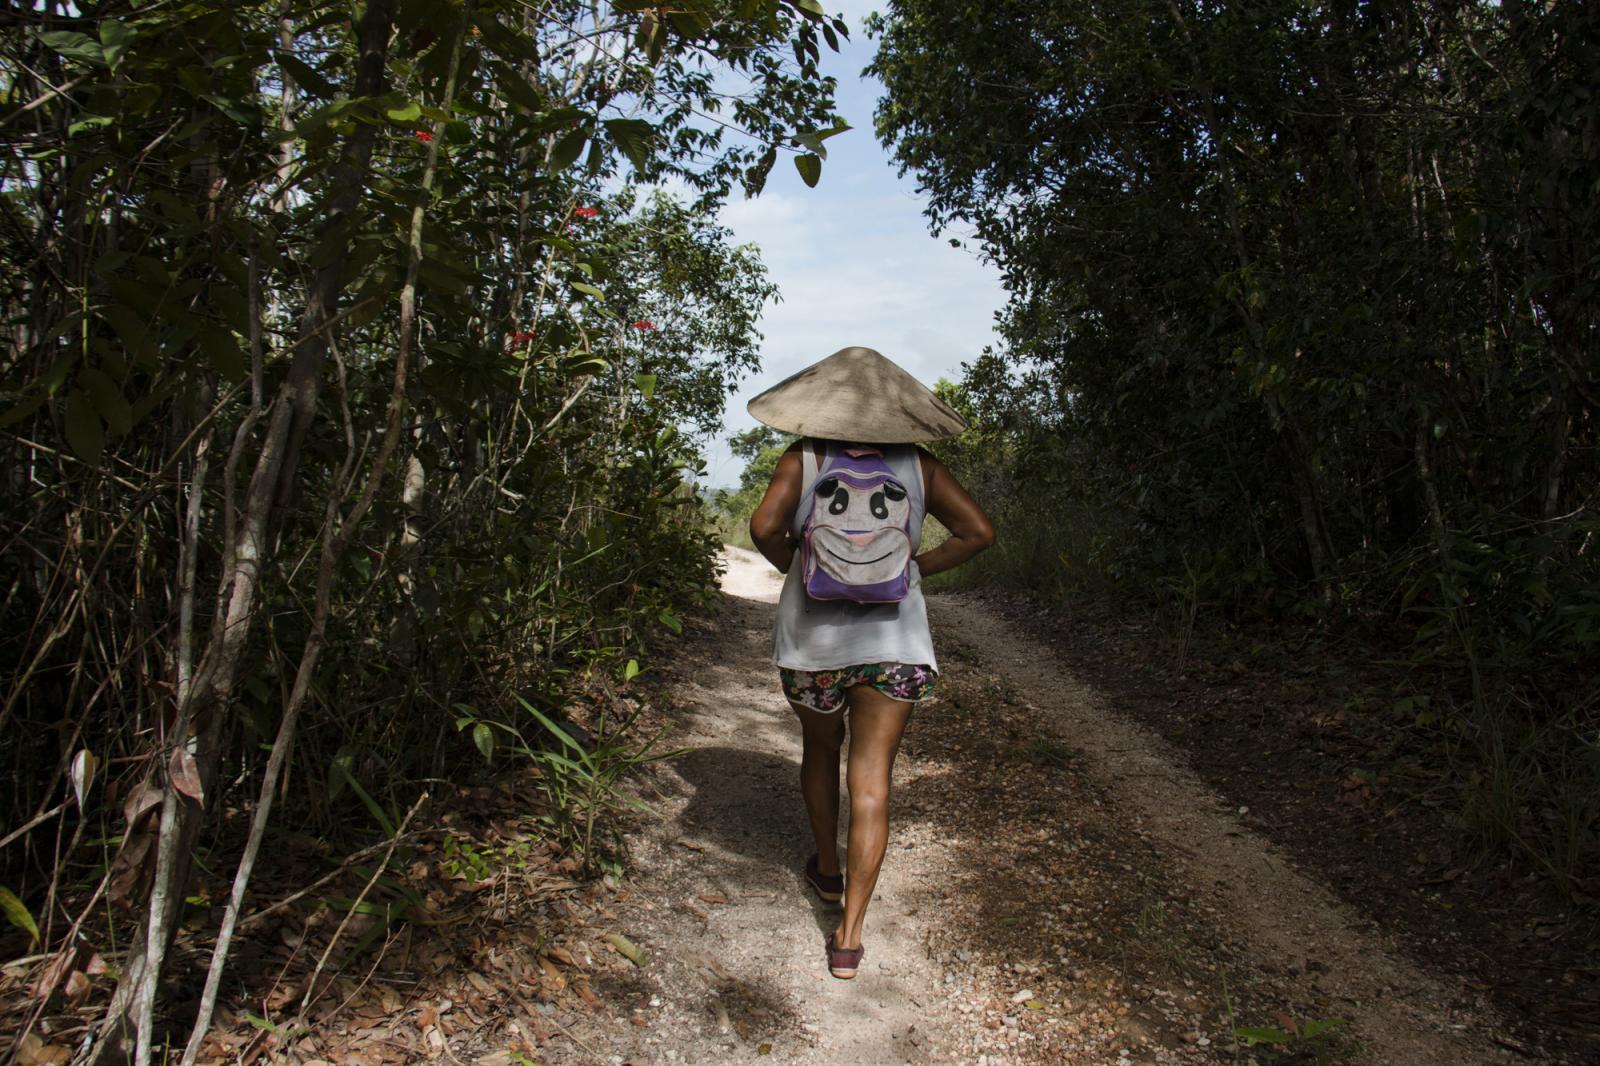 Luisa Girón, una minera de 62 años, camino a una veta de oro en Ikabarú, estado Bolívar, el 4 de junio de 2016. Luisa estudió y vivió en Caracas por muchos años, pero regresó a su pueblo natal y se dedicó a ser palera, nombre que se le da las mujeres dedicadas a la minería artesanal. Tiene dos hijas, una en Tenerife, España, y la otra en El Callao, un pueblo a 195 kilómetros. Luisa es de una familia de 14 hermanos en la que todos son mineros.